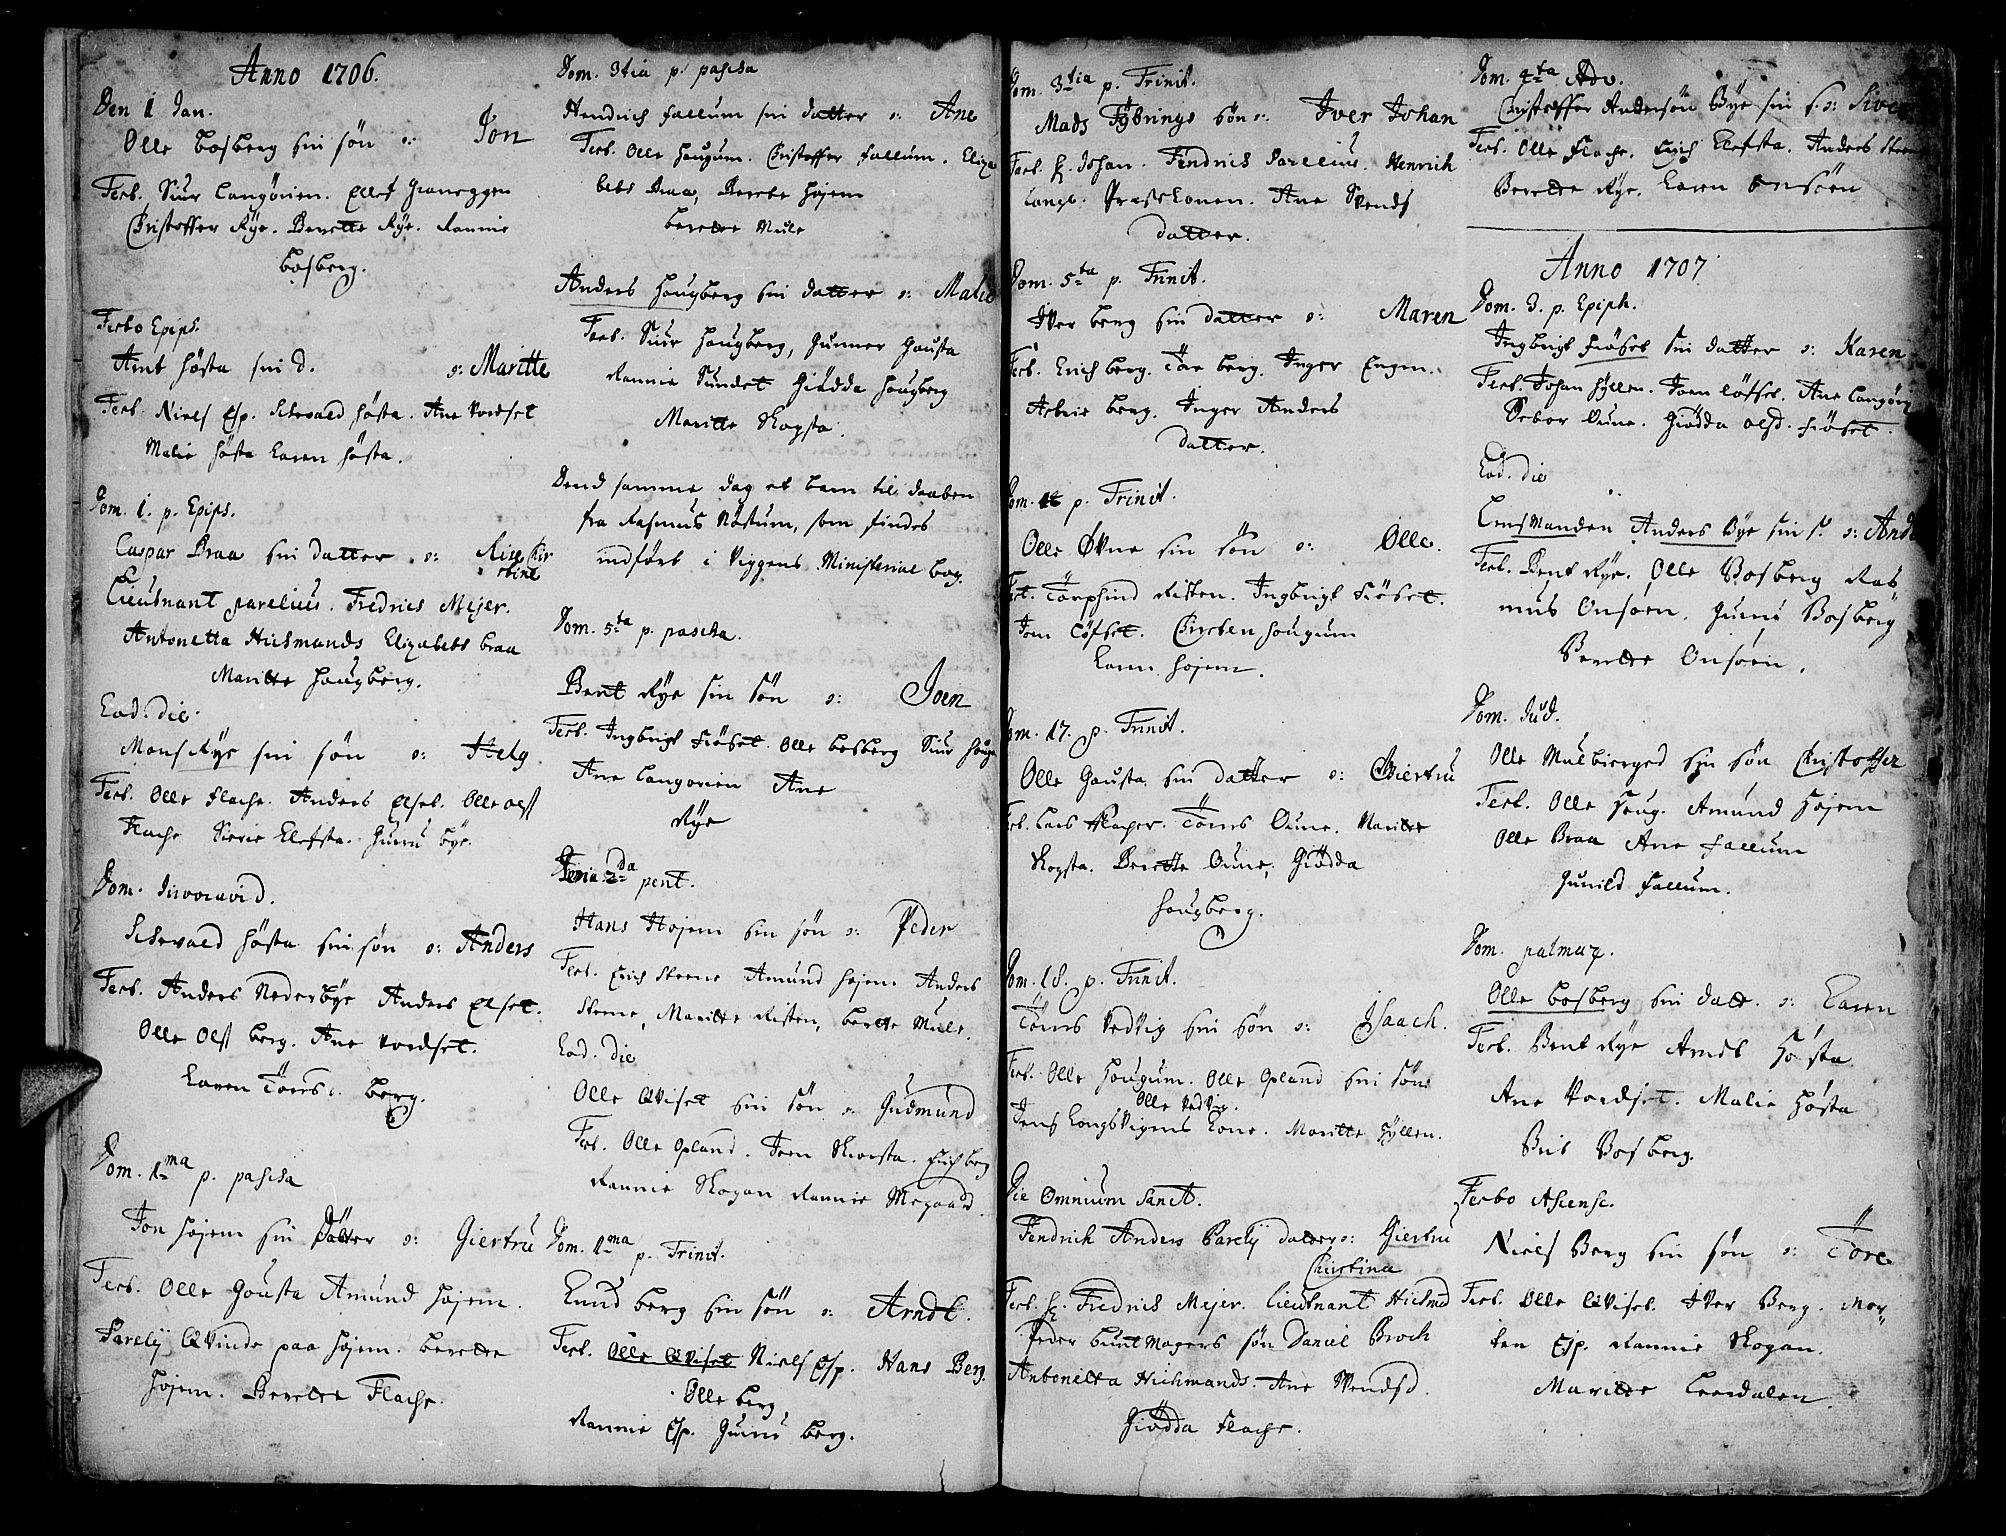 SAT, Ministerialprotokoller, klokkerbøker og fødselsregistre - Sør-Trøndelag, 612/L0368: Ministerialbok nr. 612A02, 1702-1753, s. 4